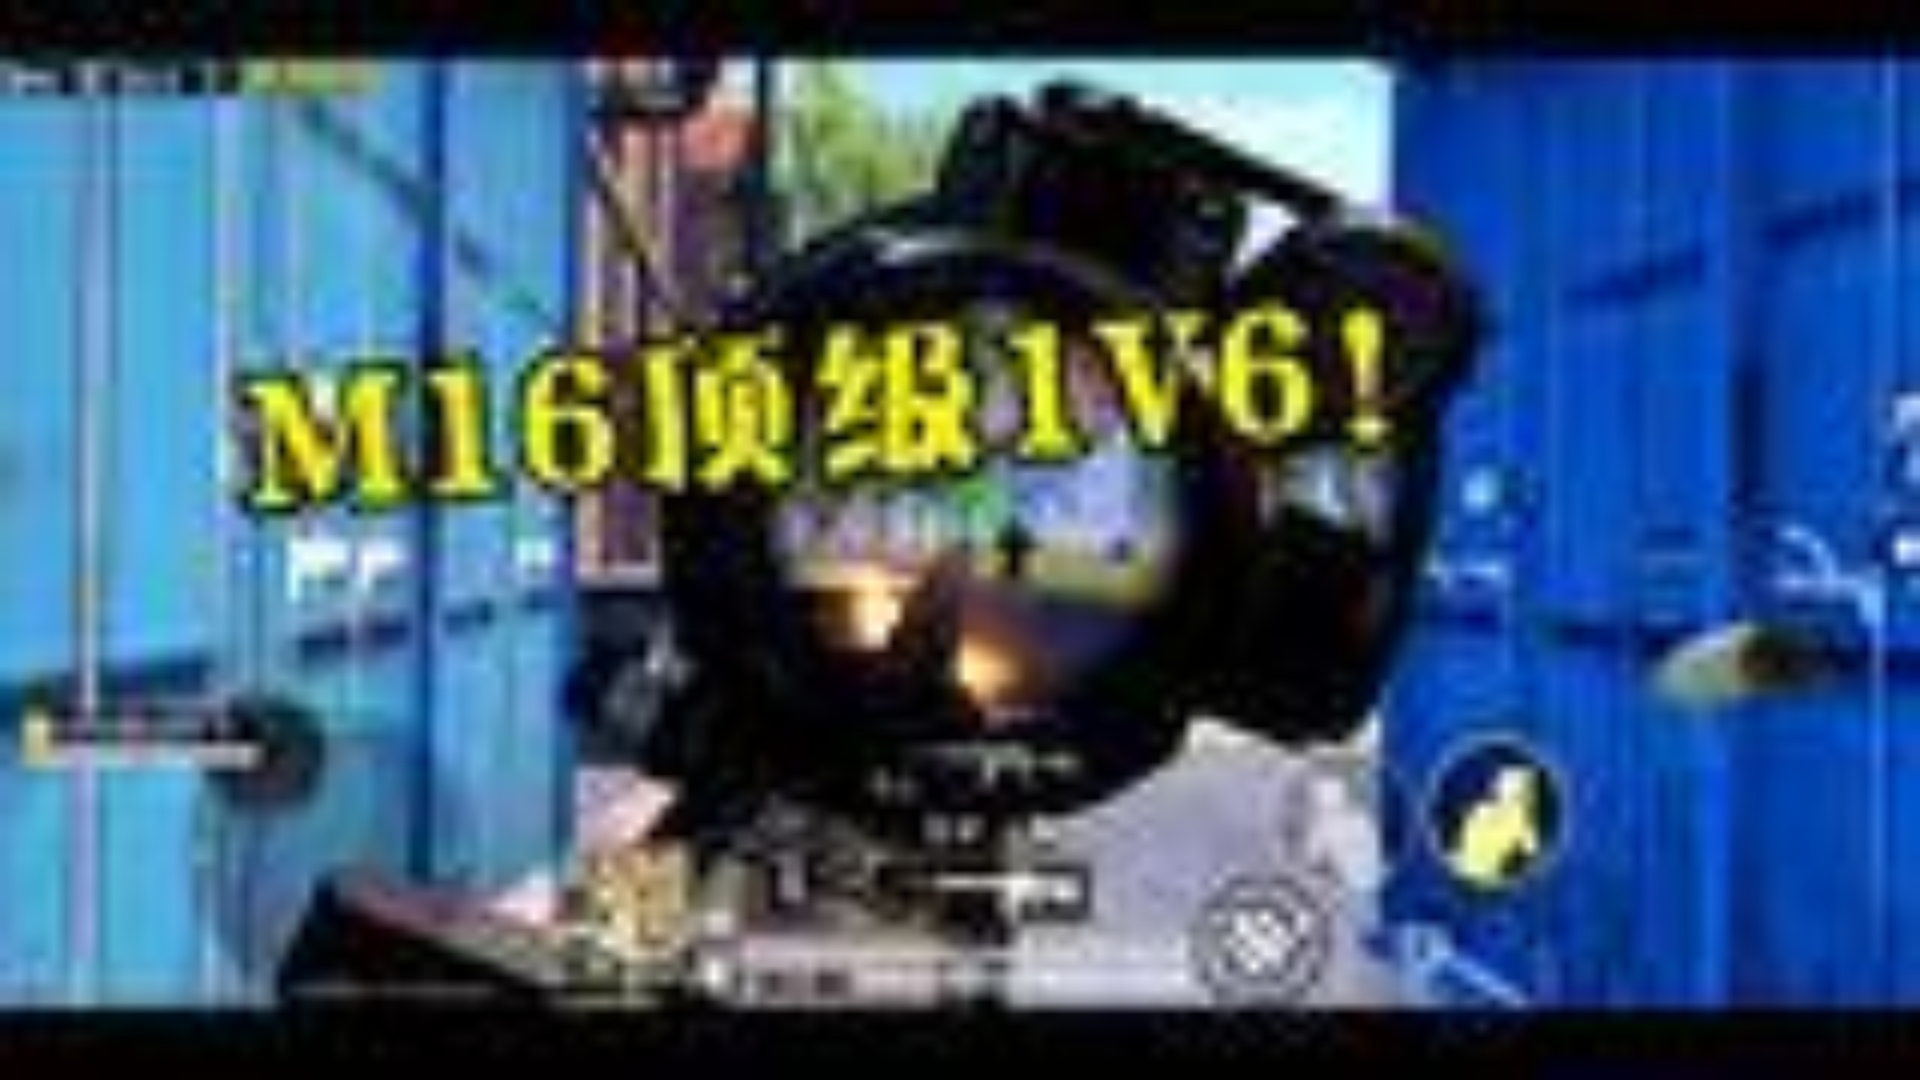 这就是顶级M16玩家的实力?自信1V6,根本不把敌人放在眼里!